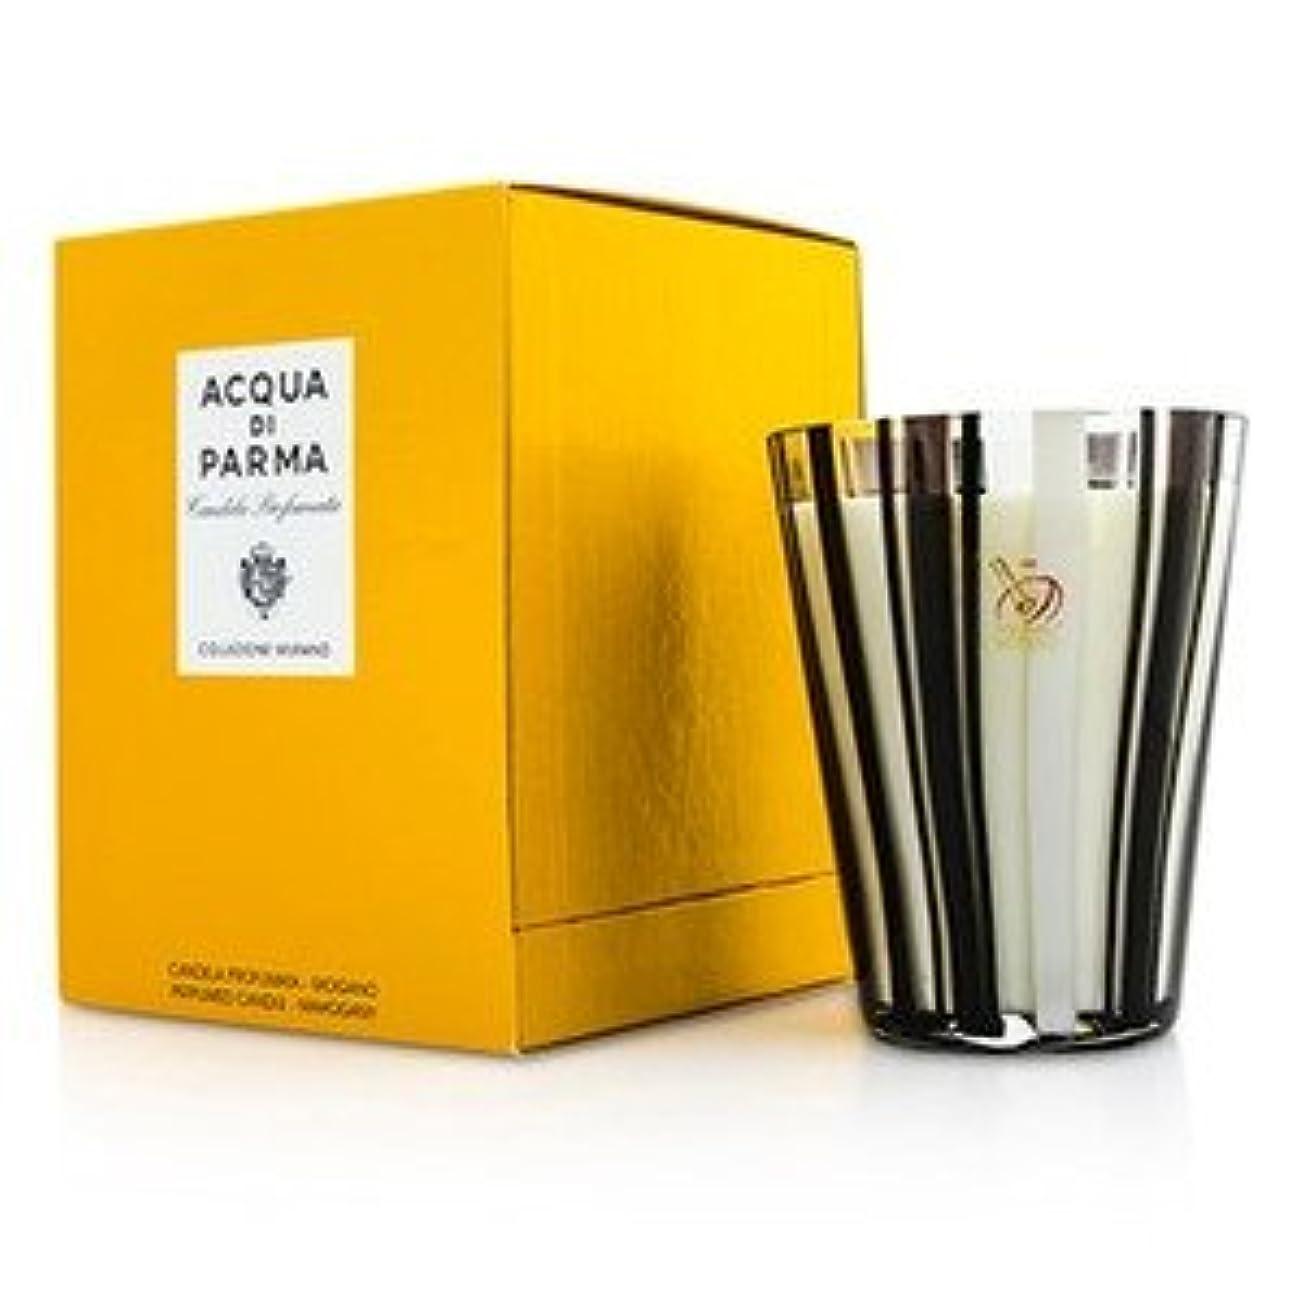 運営同種の有毒アクア ディ パルマ[Acqua Di Parma] ムラノ グラス パフューム キャンドル - Mogano(Mahogany) 200g/7.05oz [並行輸入品]